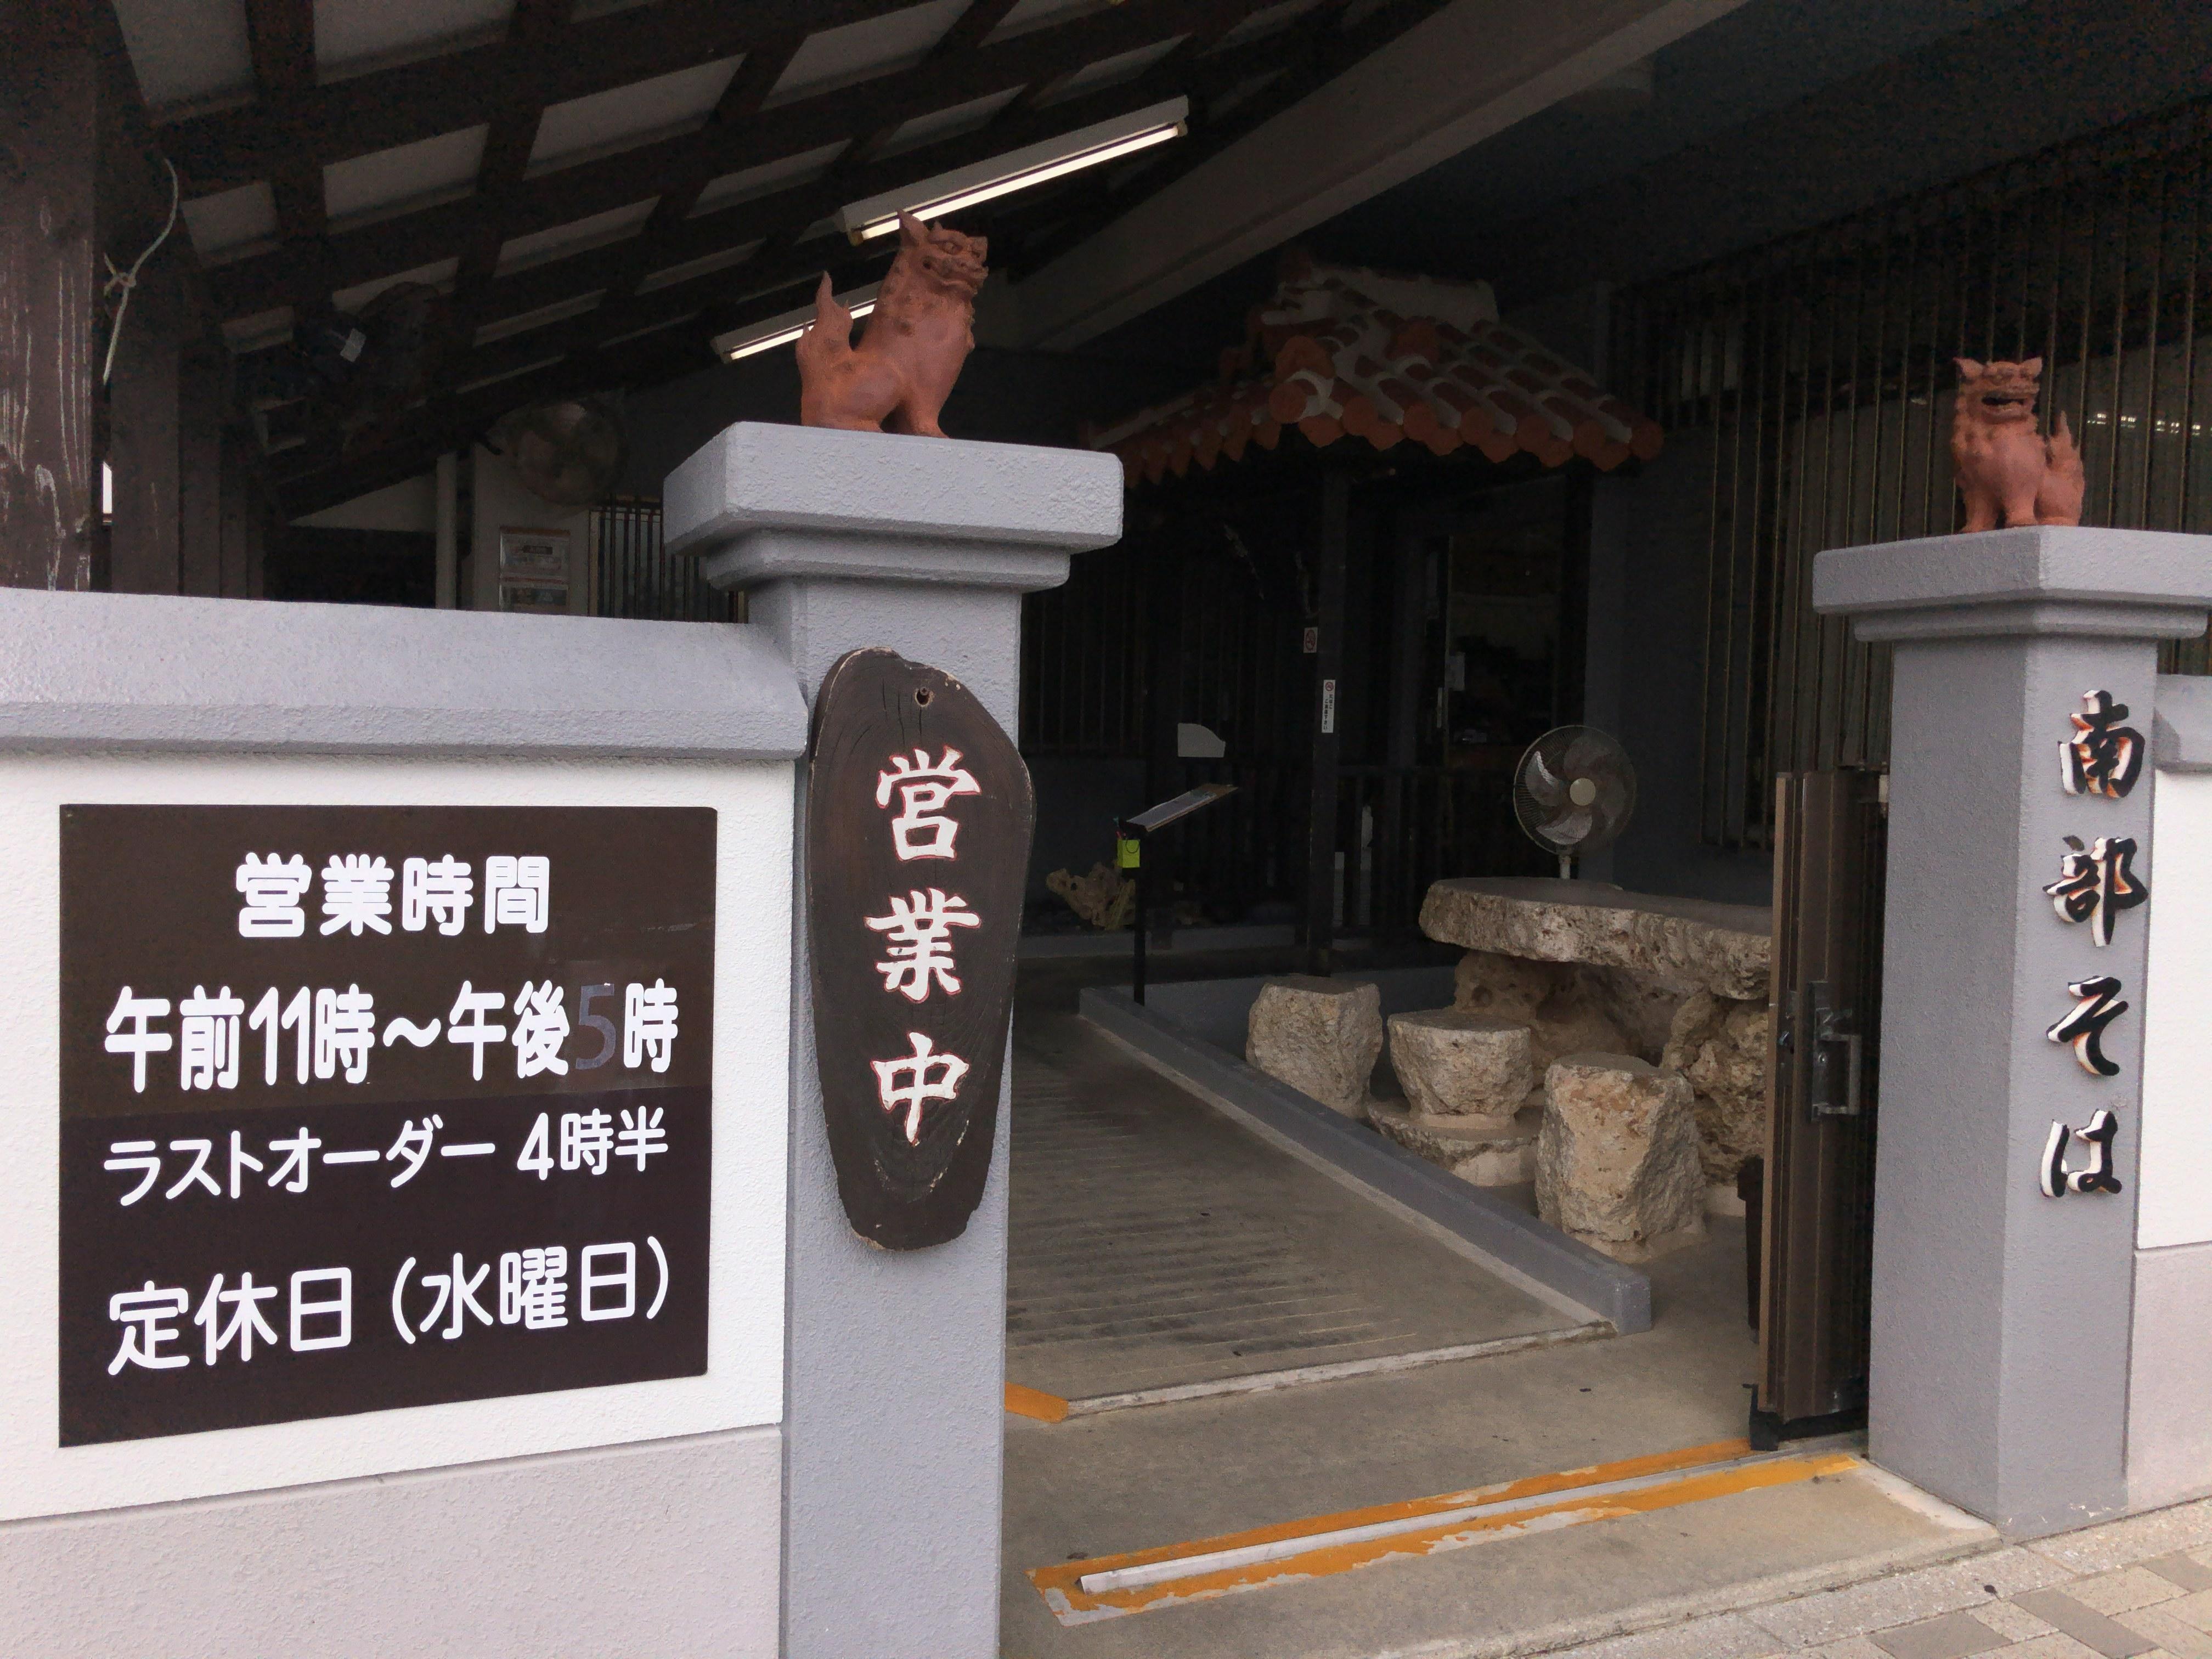 糸満市『南部そば』てびち推しの沖縄そば屋